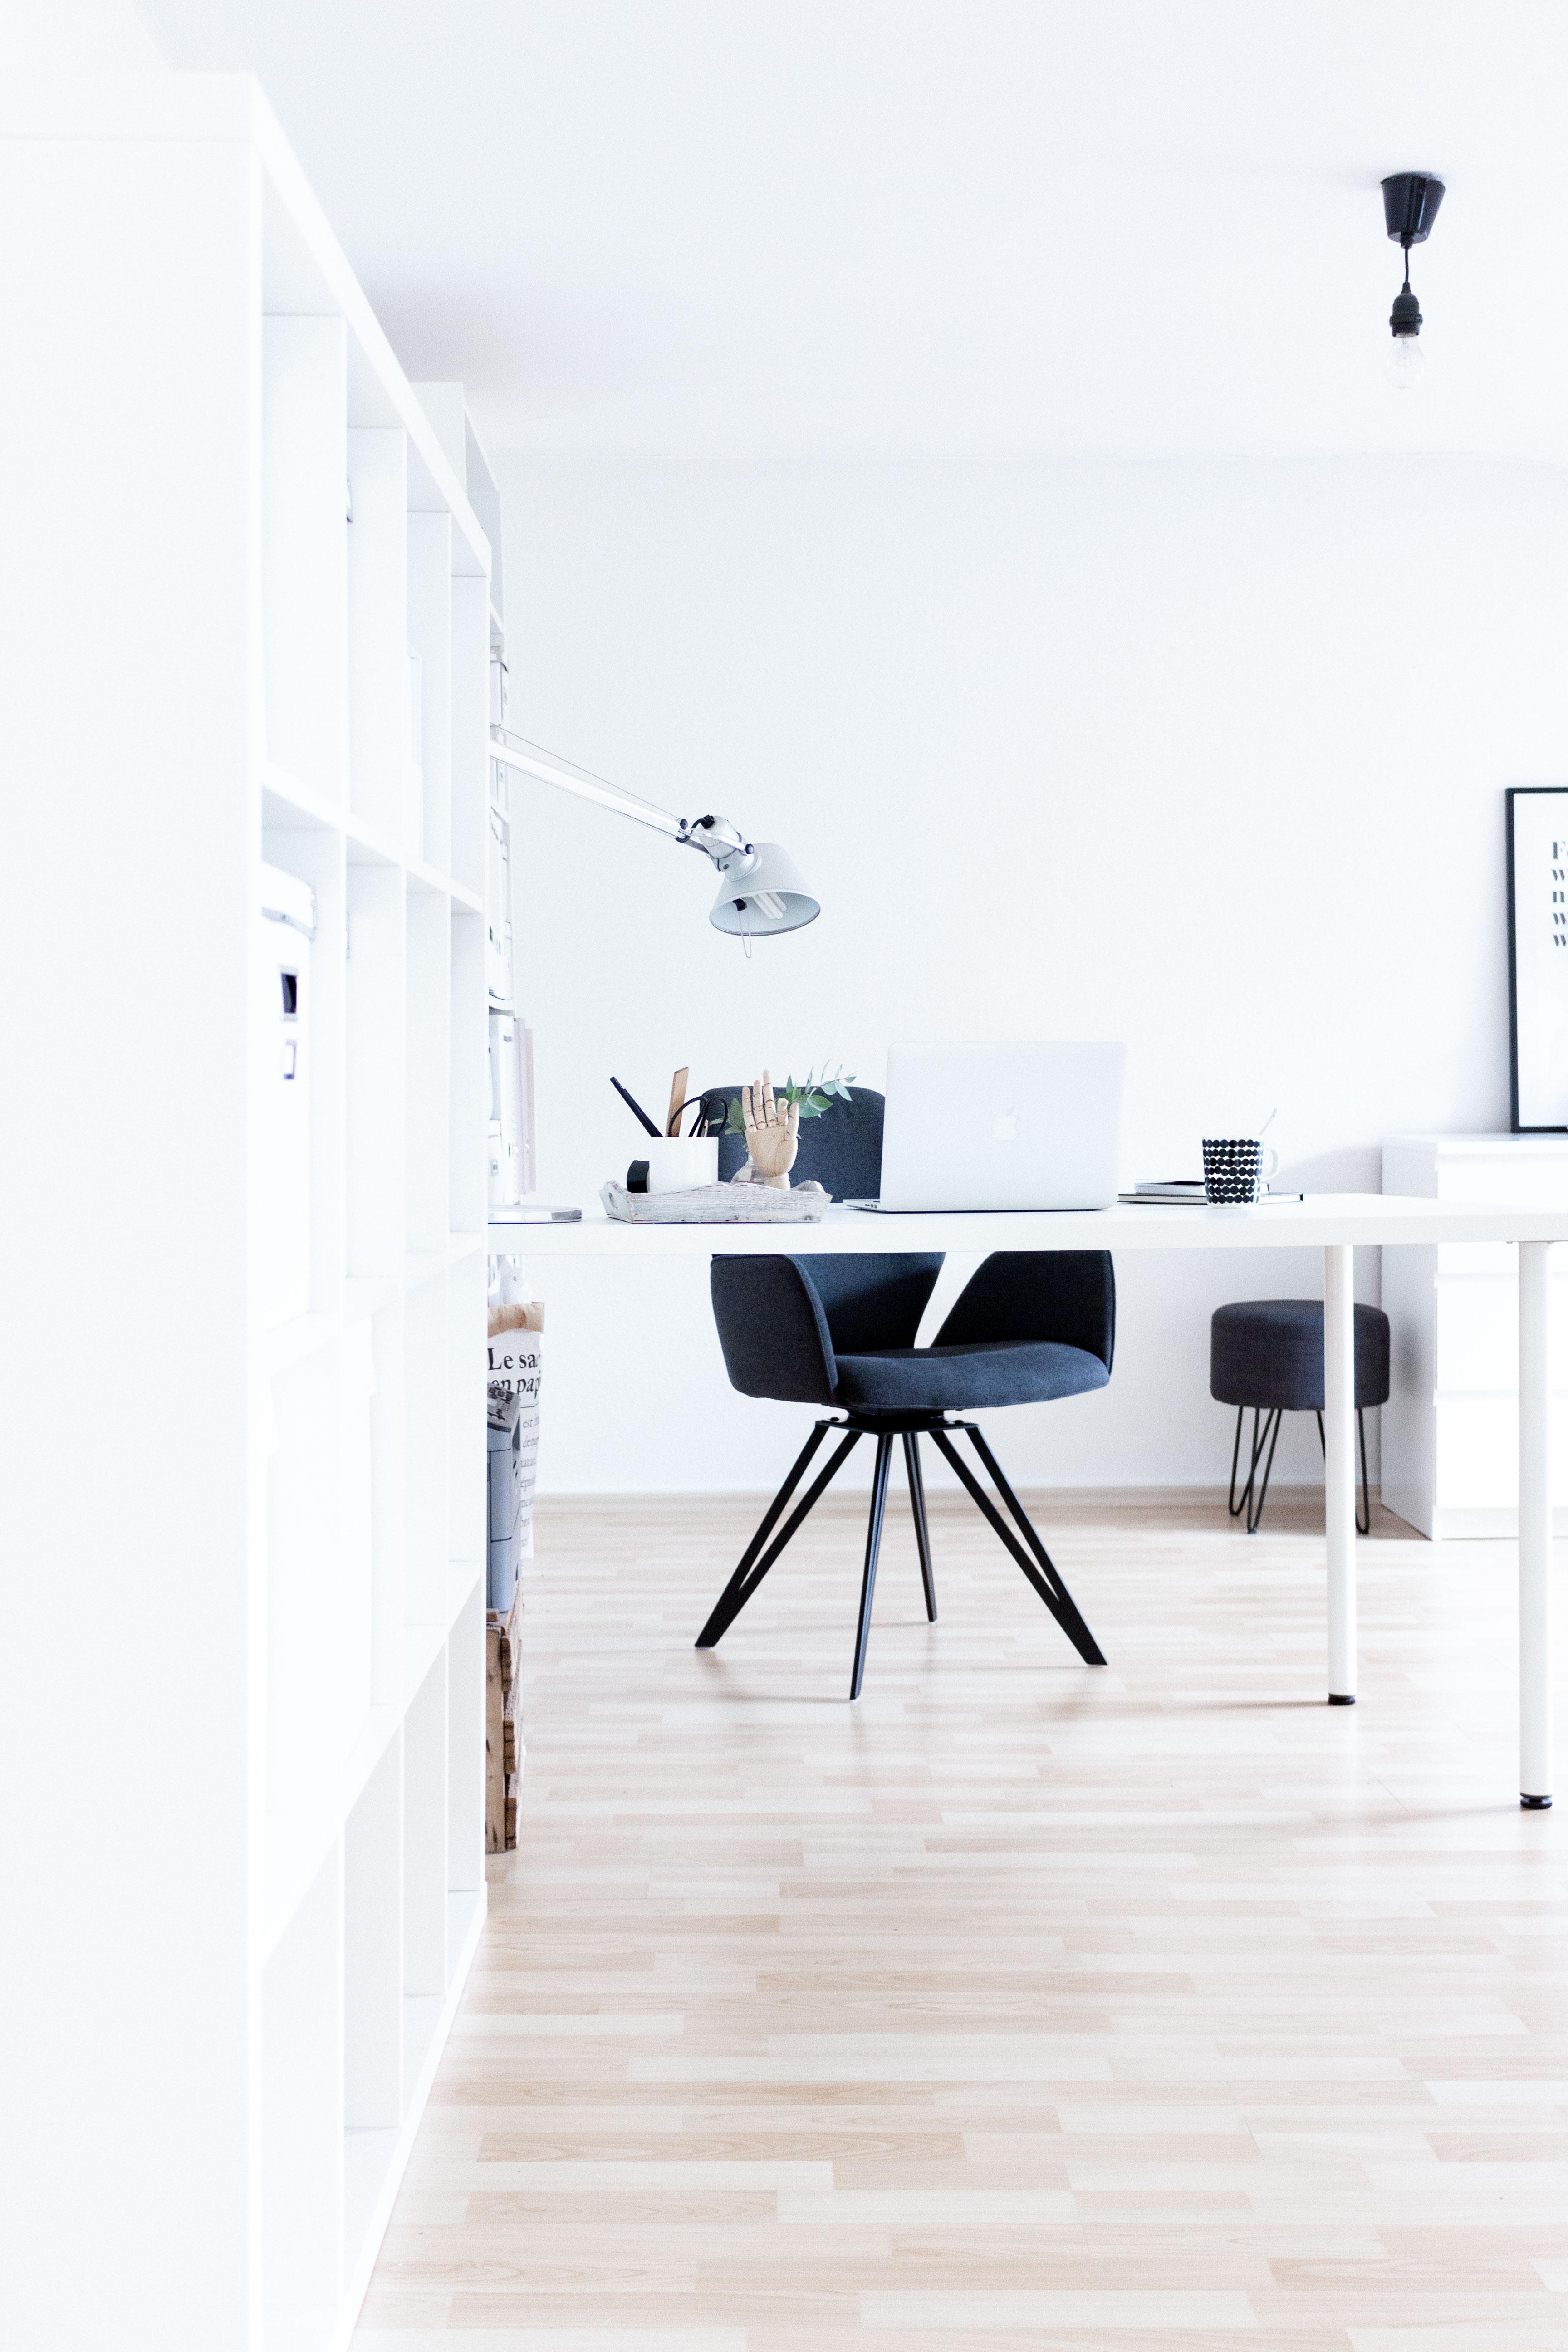 Interior Home Office Update Mit Einem Bequemen Stuhl Von Manuu Mobel Scandi Inspiration